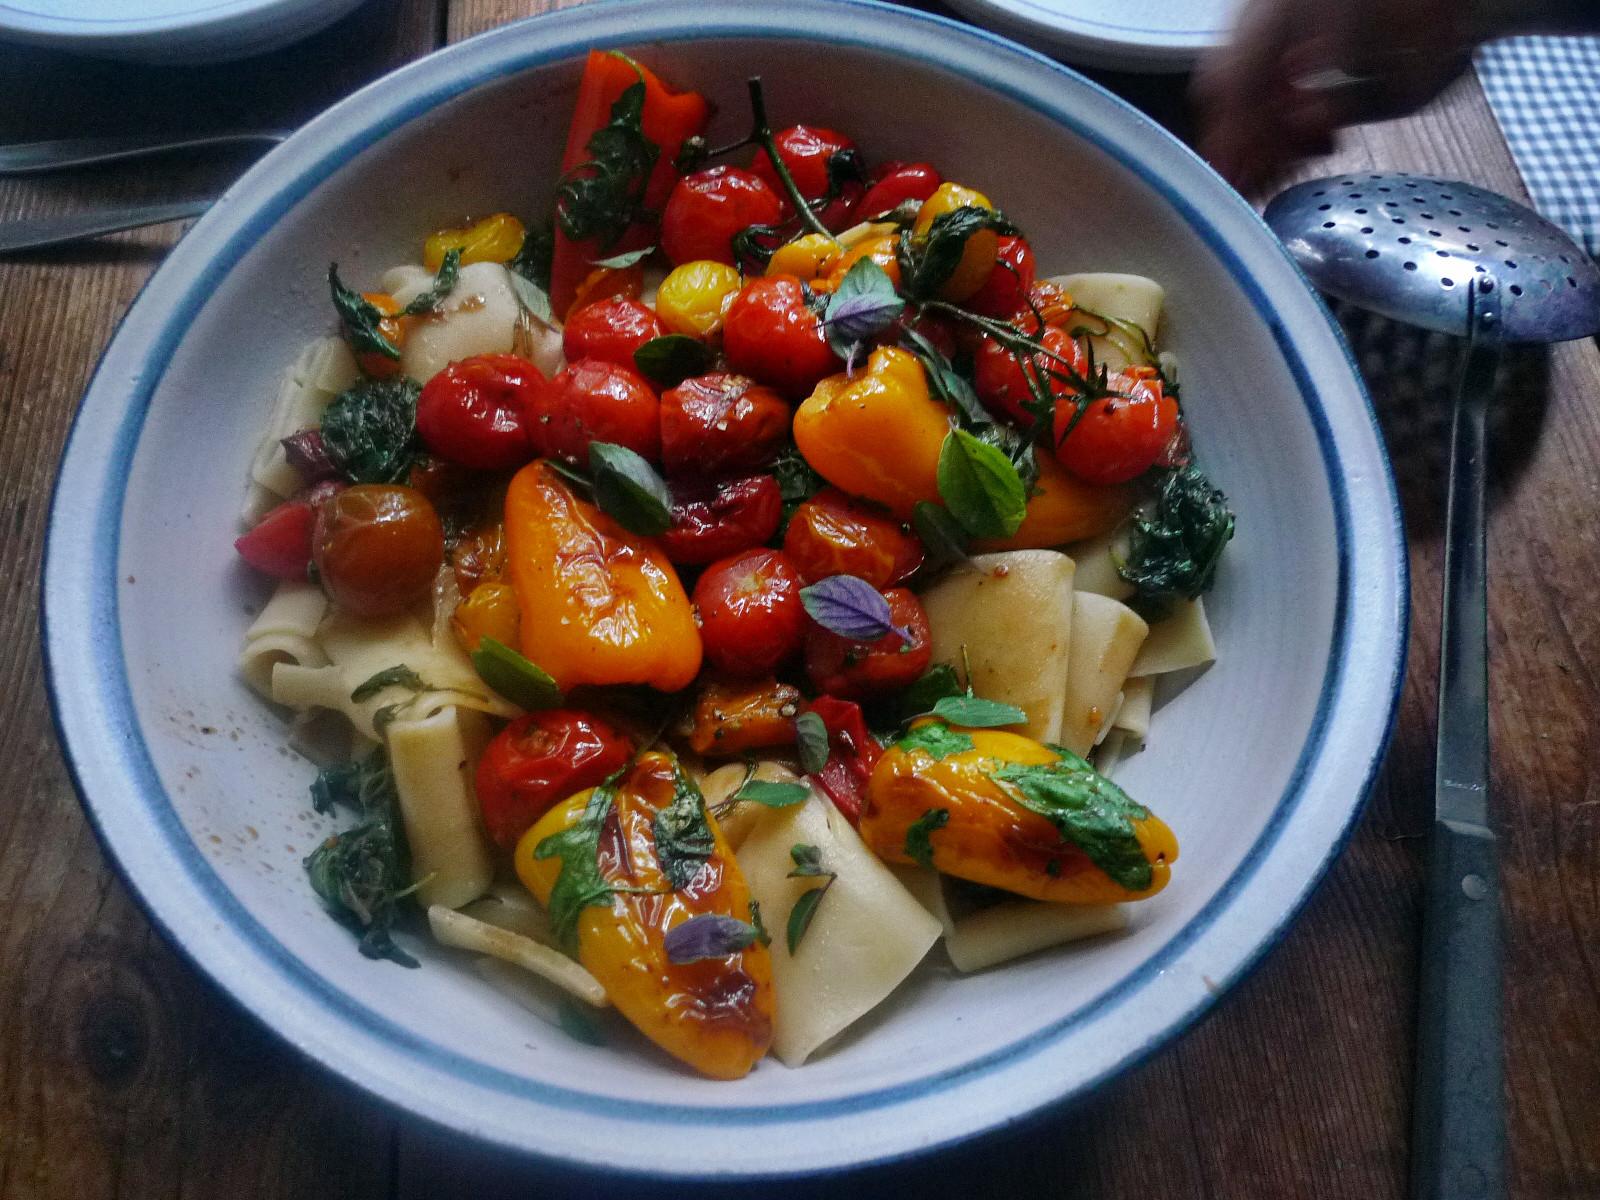 Nudeln mit Olivenpesto und Minigemüse - 21.11.14  (10)